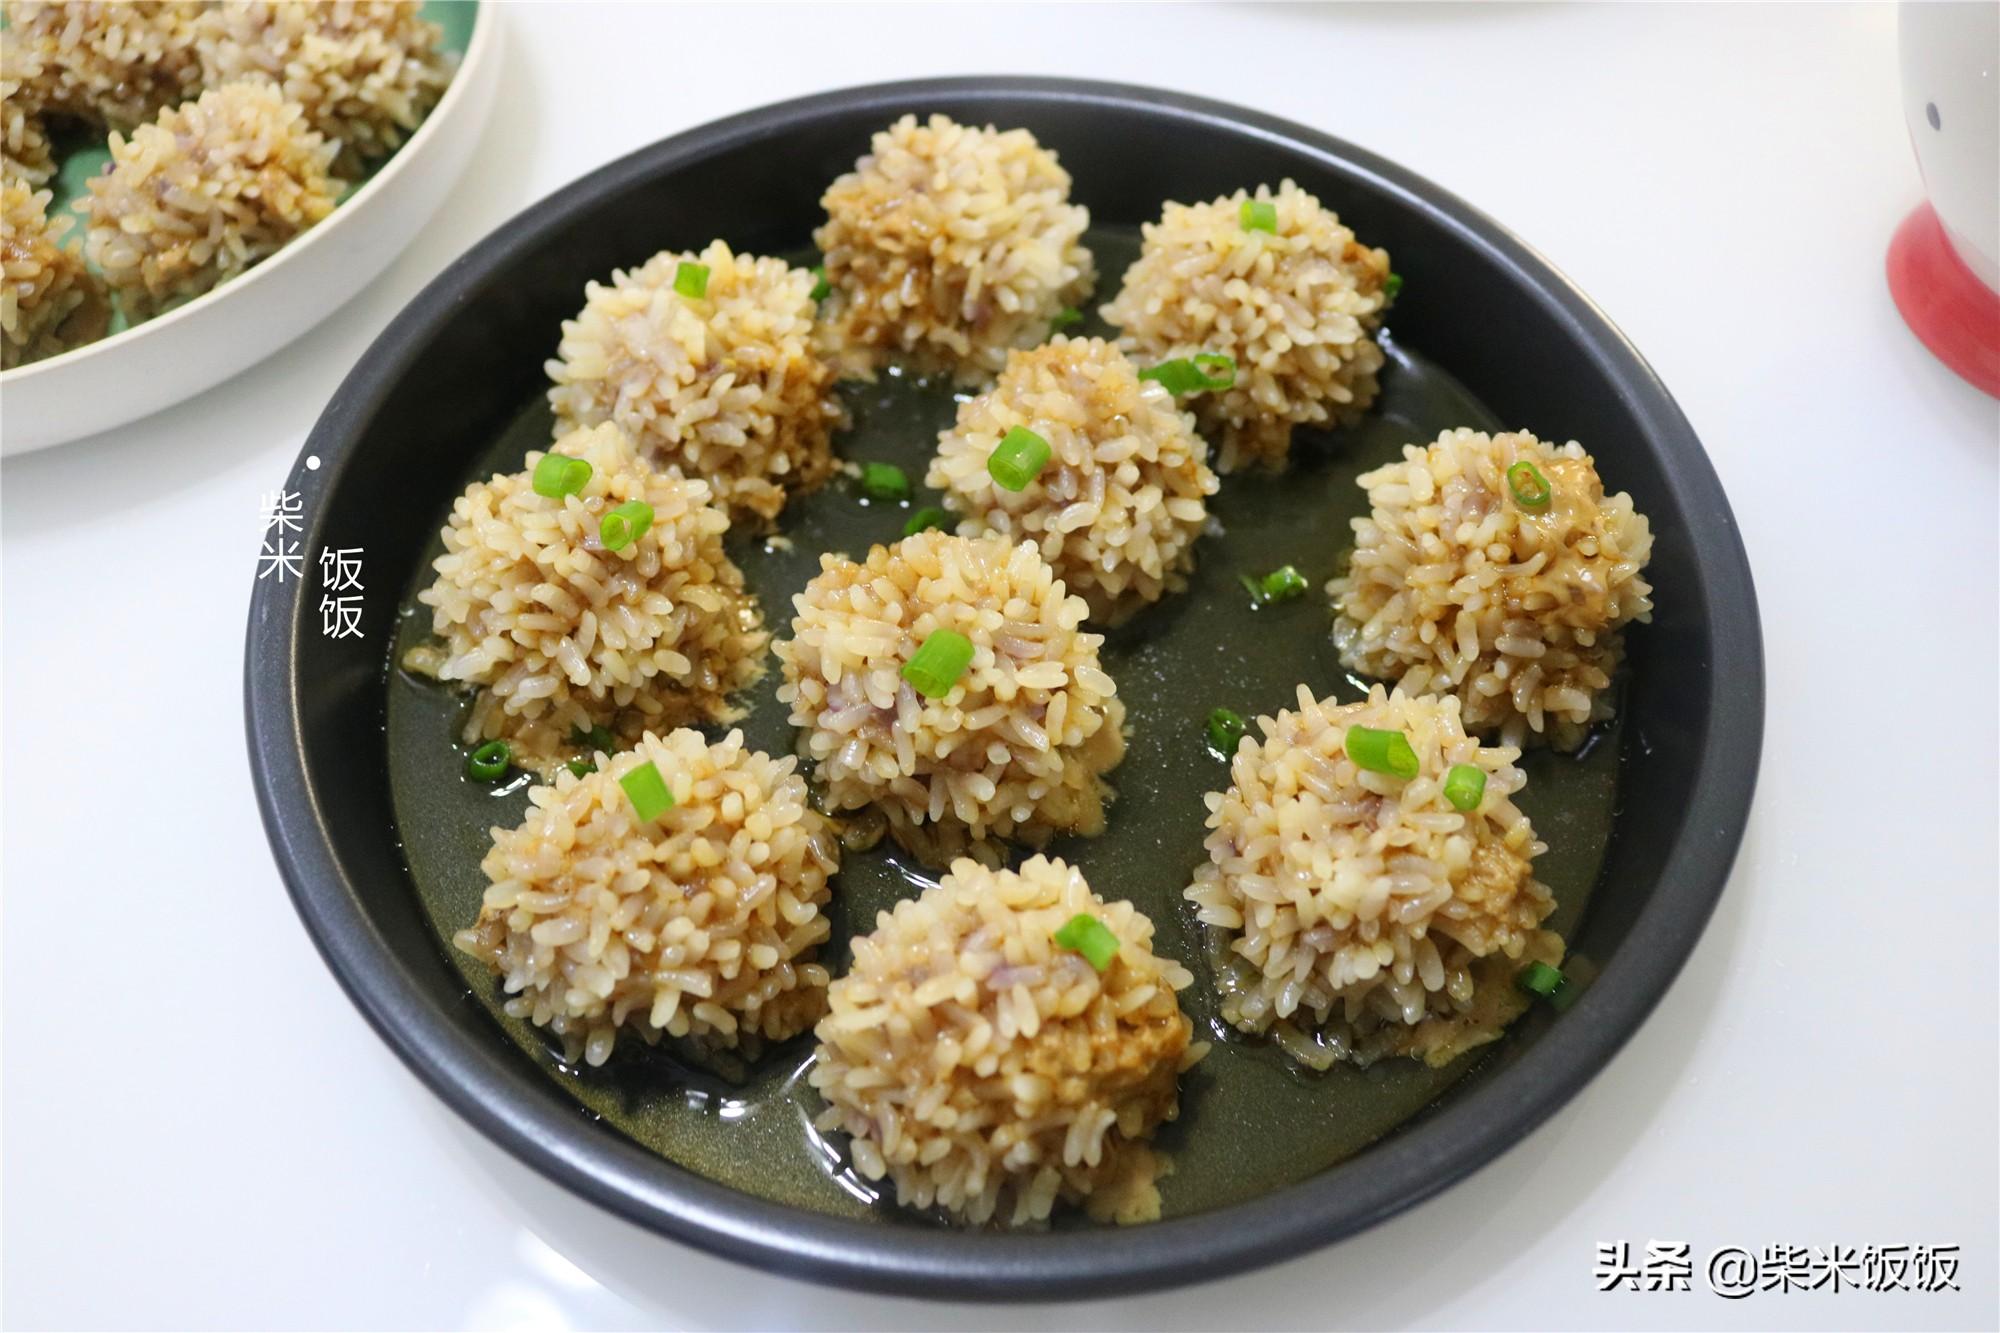 高考学生怎么吃?分享8道家常菜,做法简单味道好,孩子喜欢 美食做法 第9张